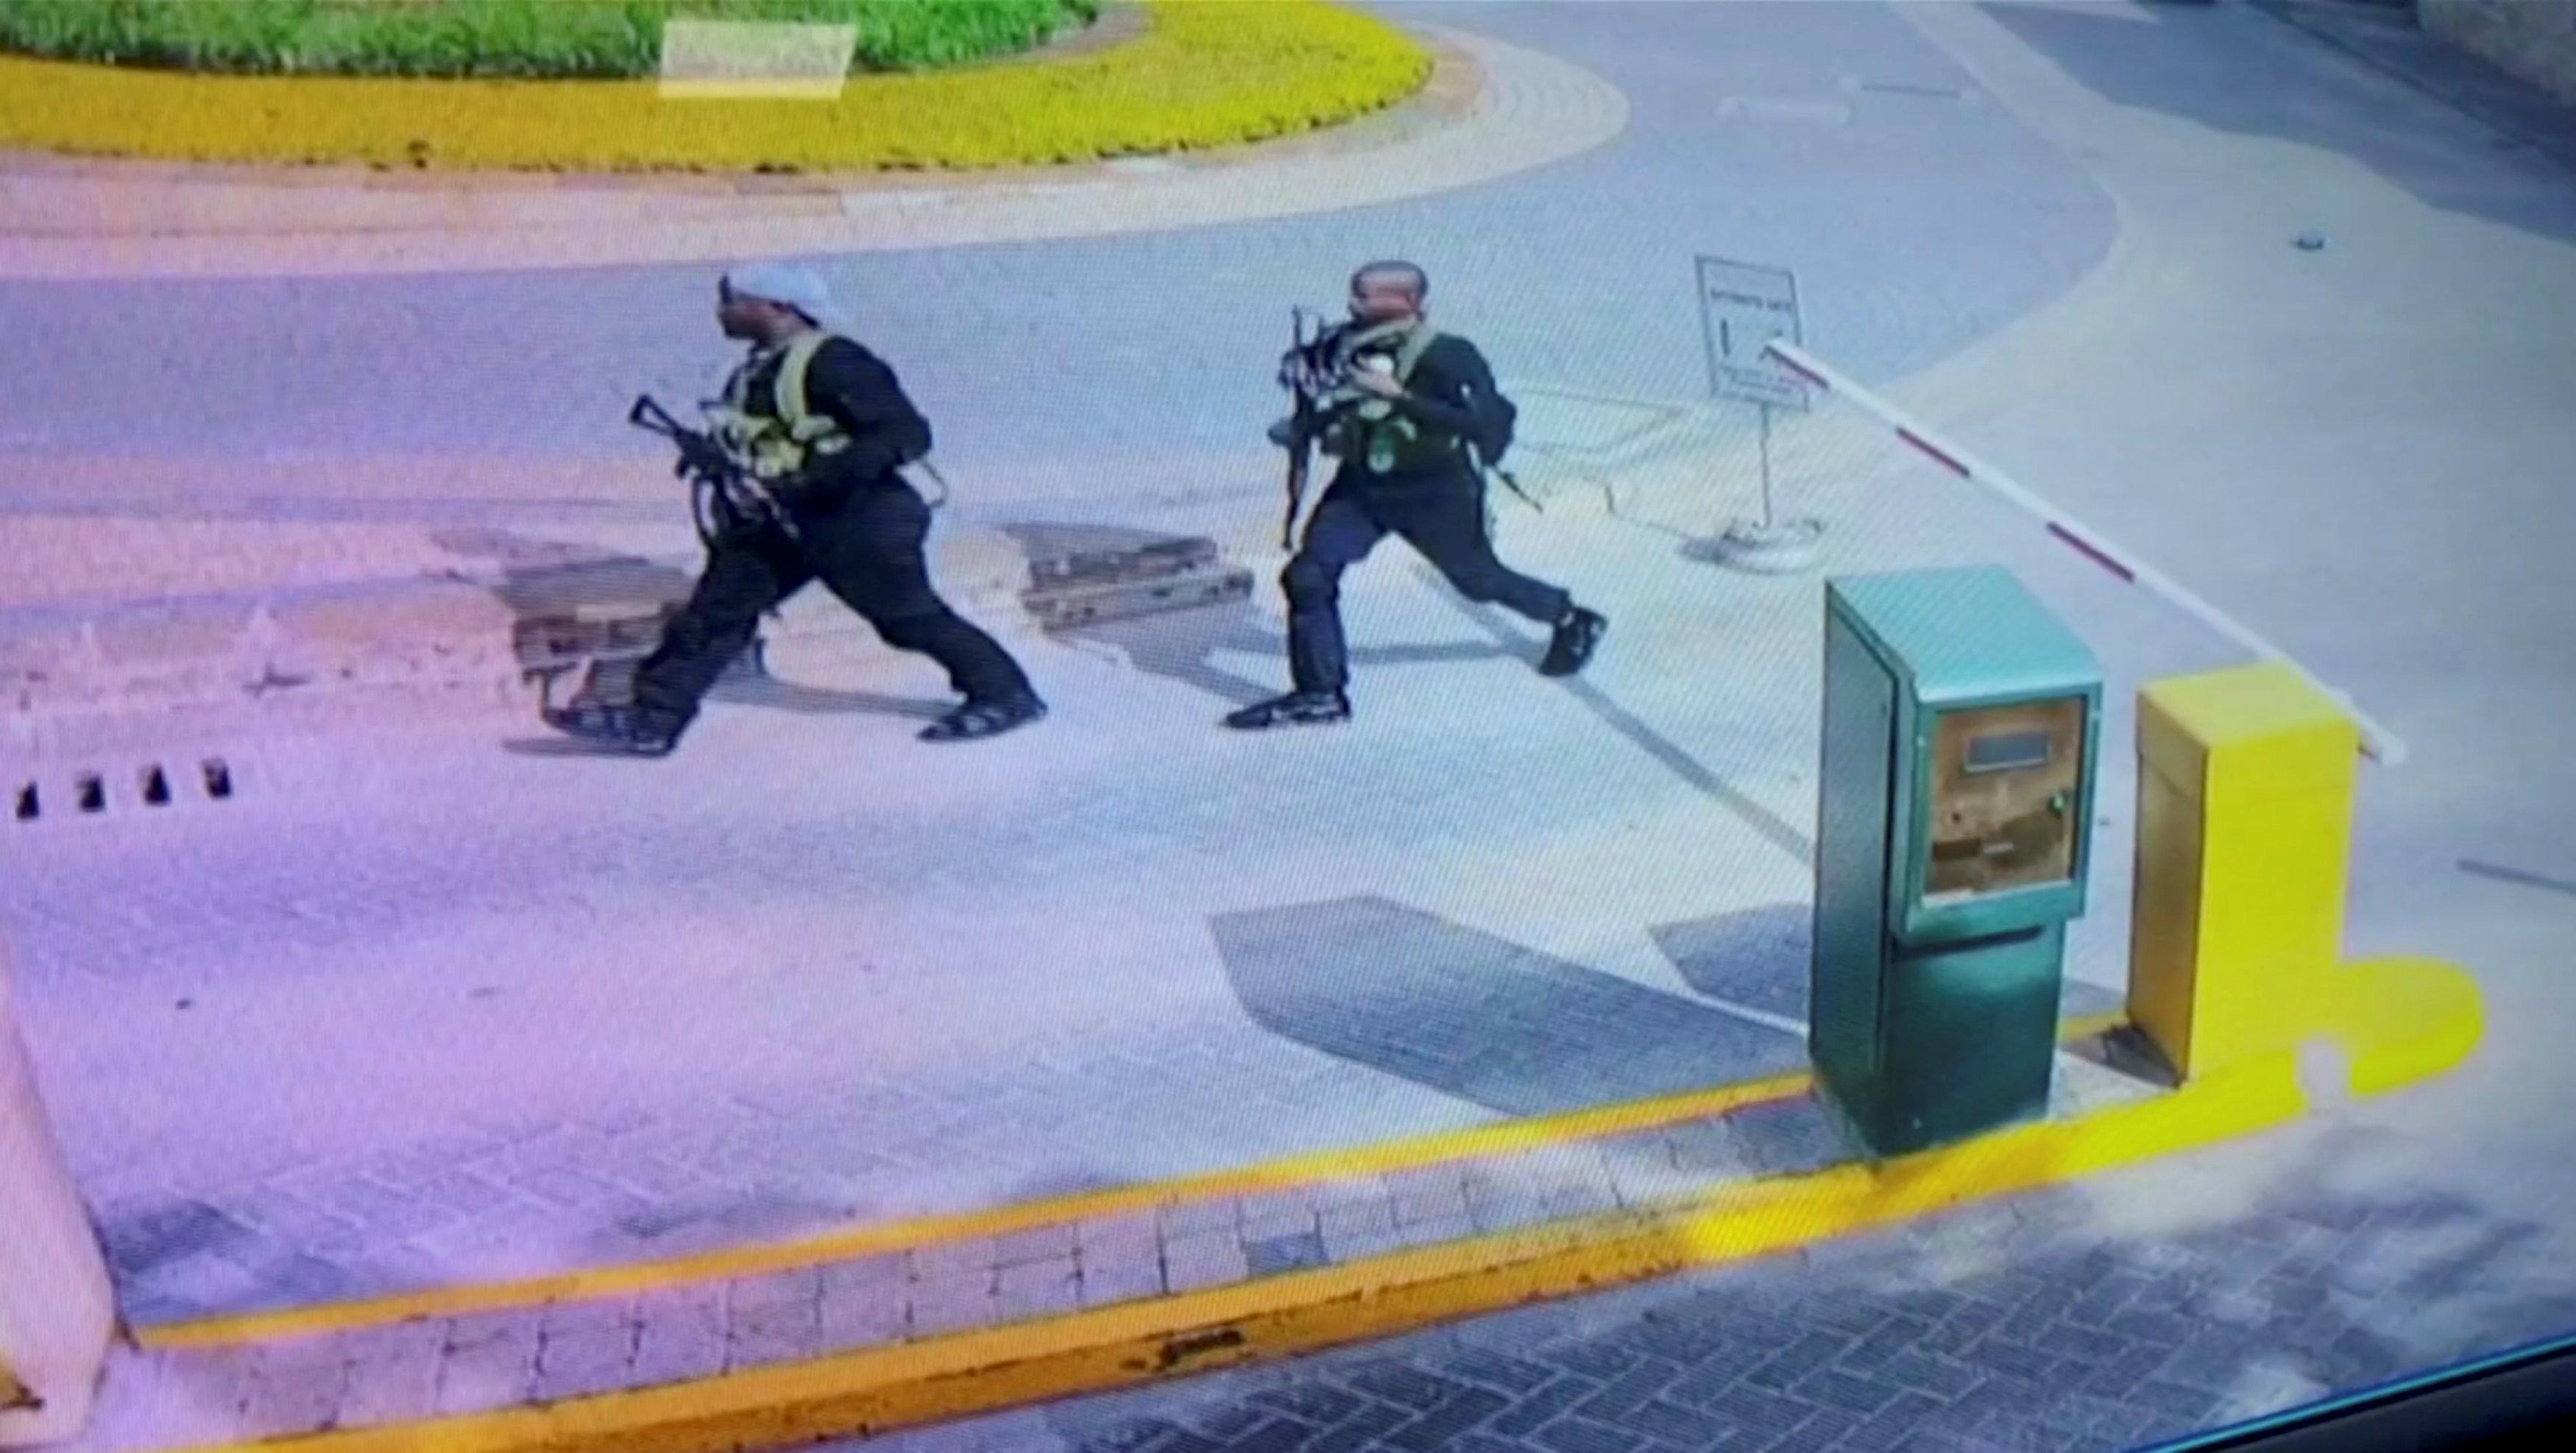 Nairobi gunmen caught on camera | eNCA